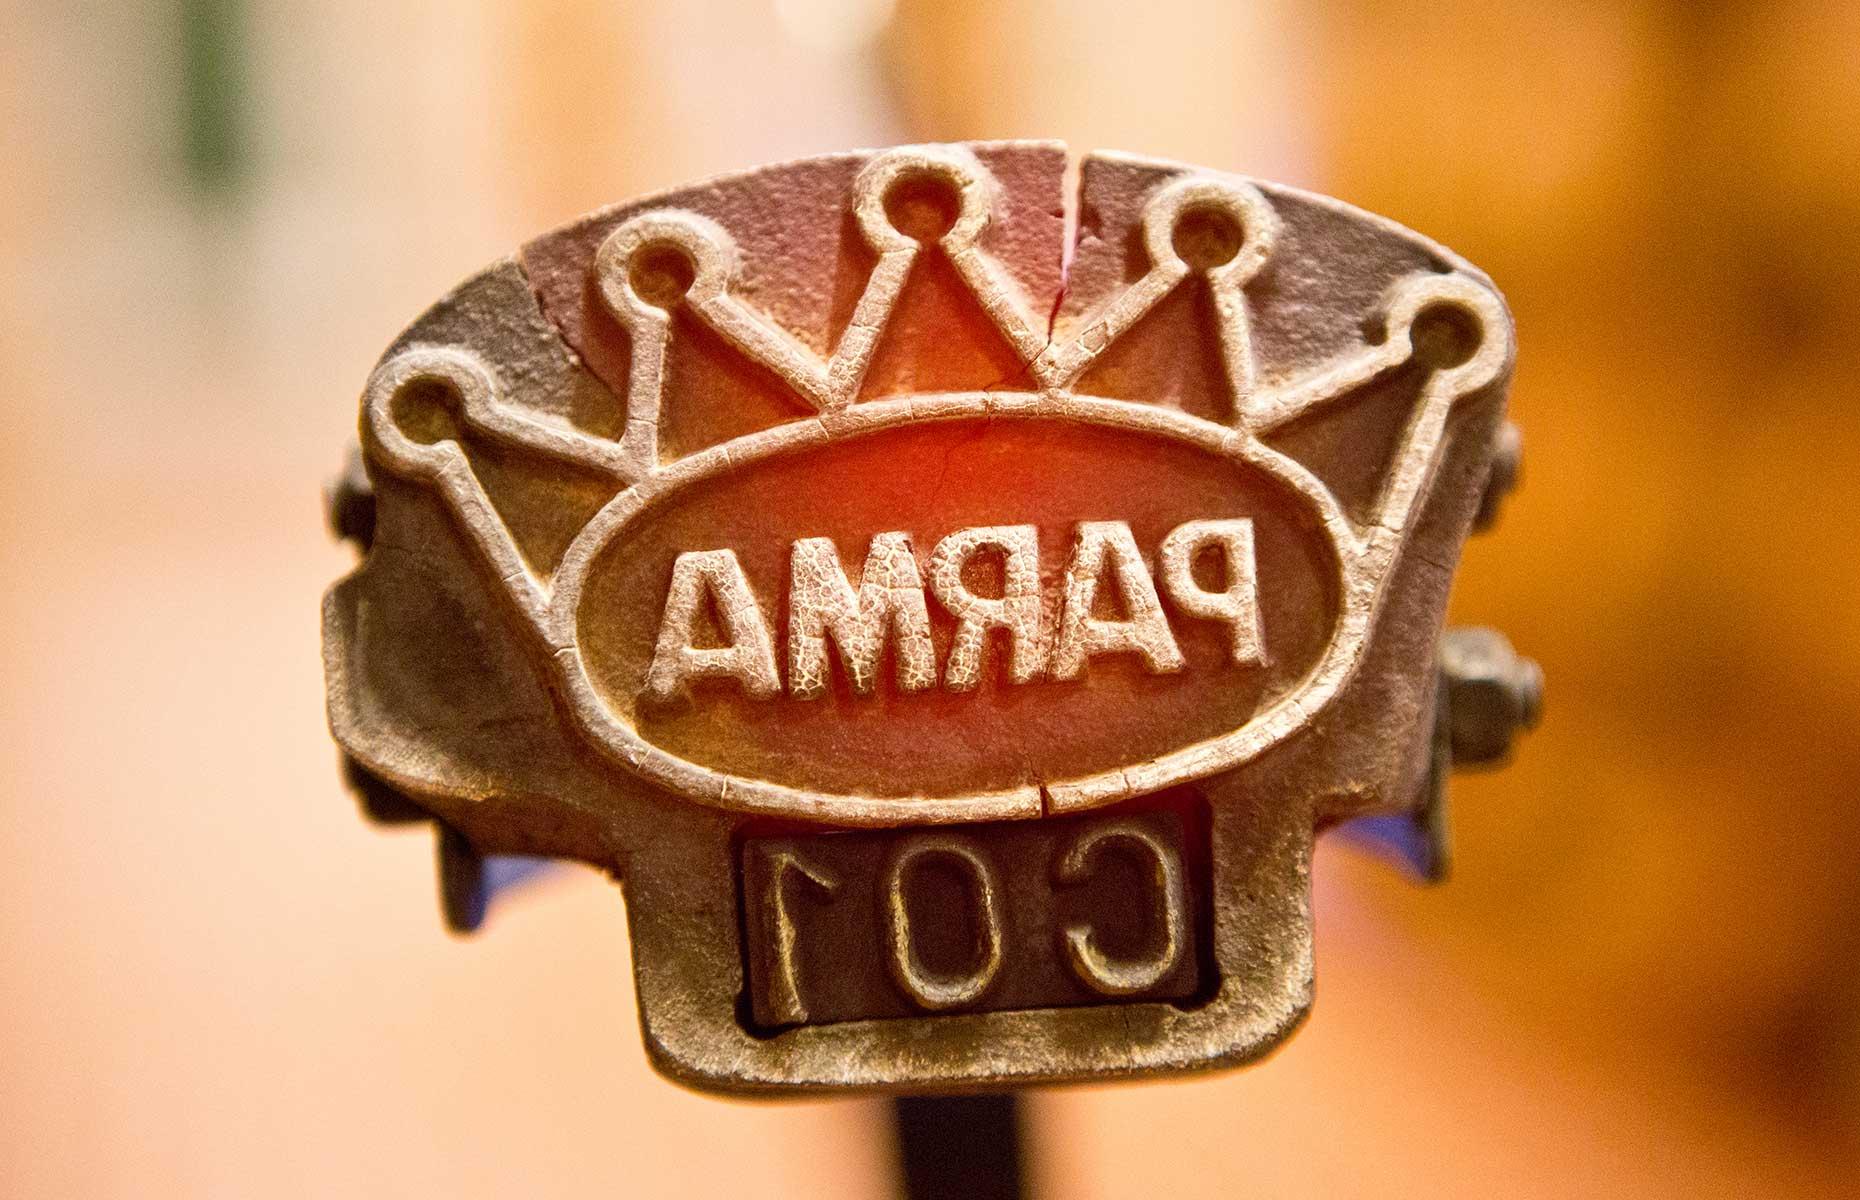 Parma Ham Ducal Crown branding (Image courtesy of Consorzio del Prosciutto di Parma)